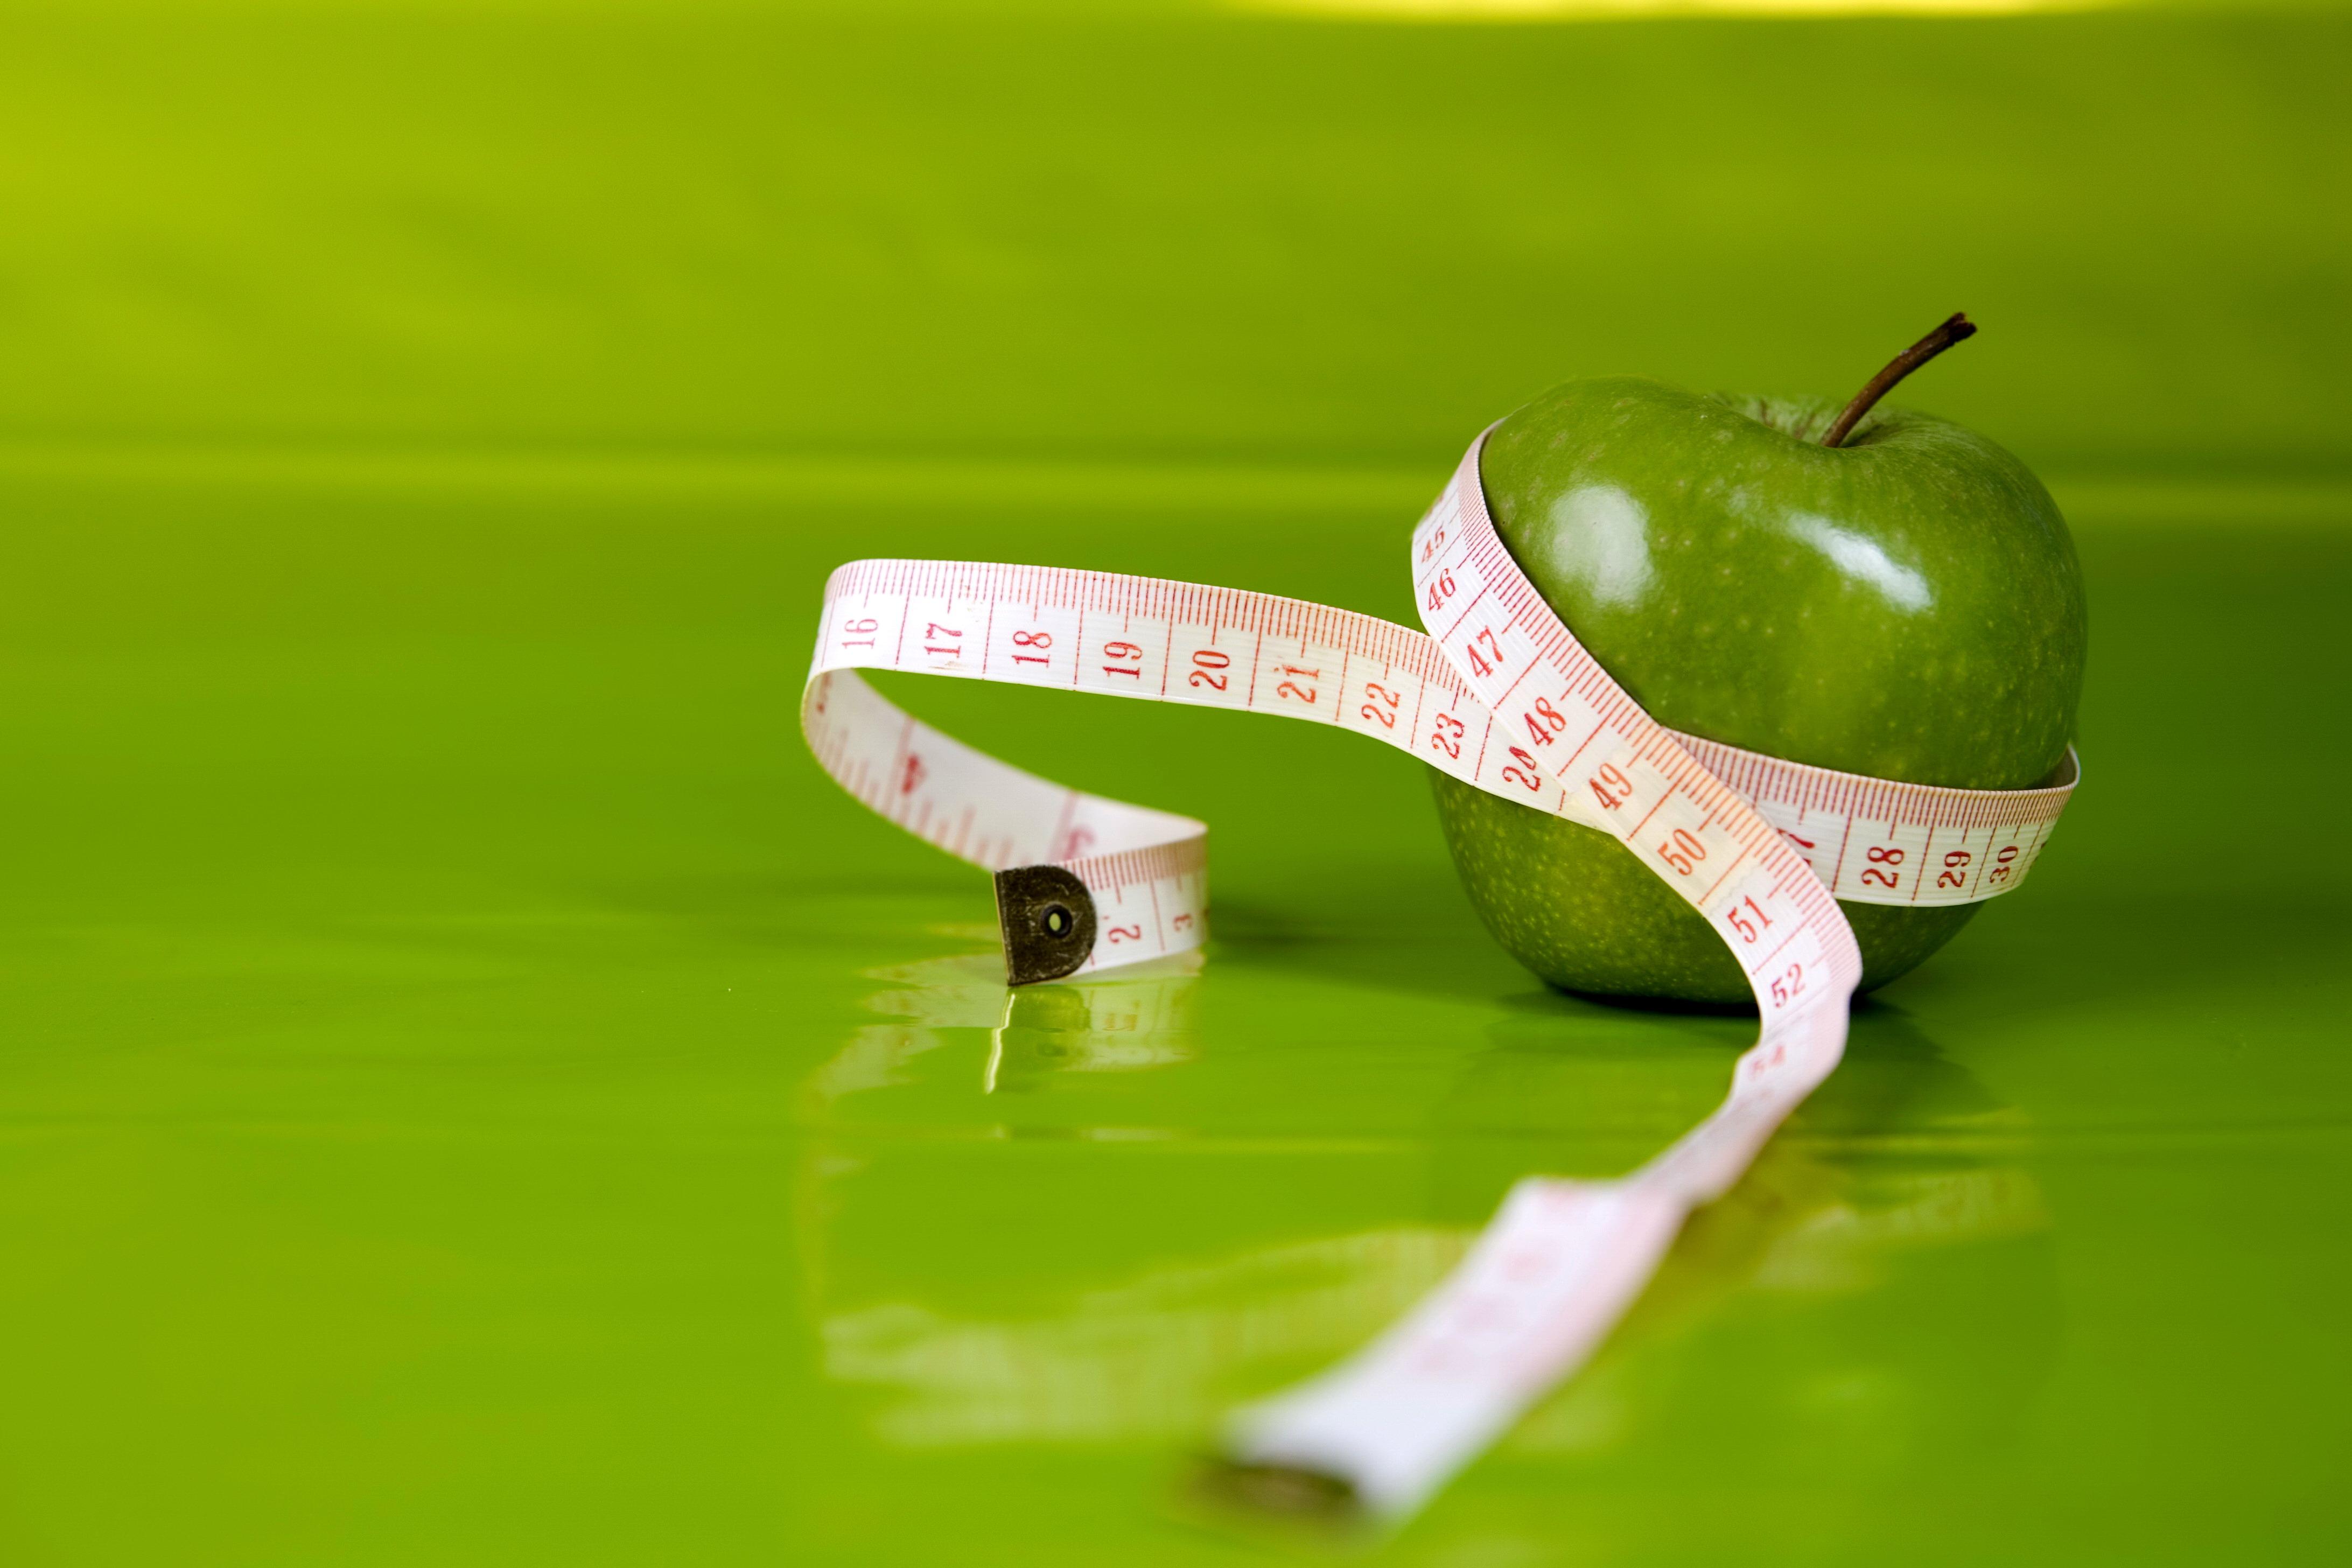 Set Diet Goals